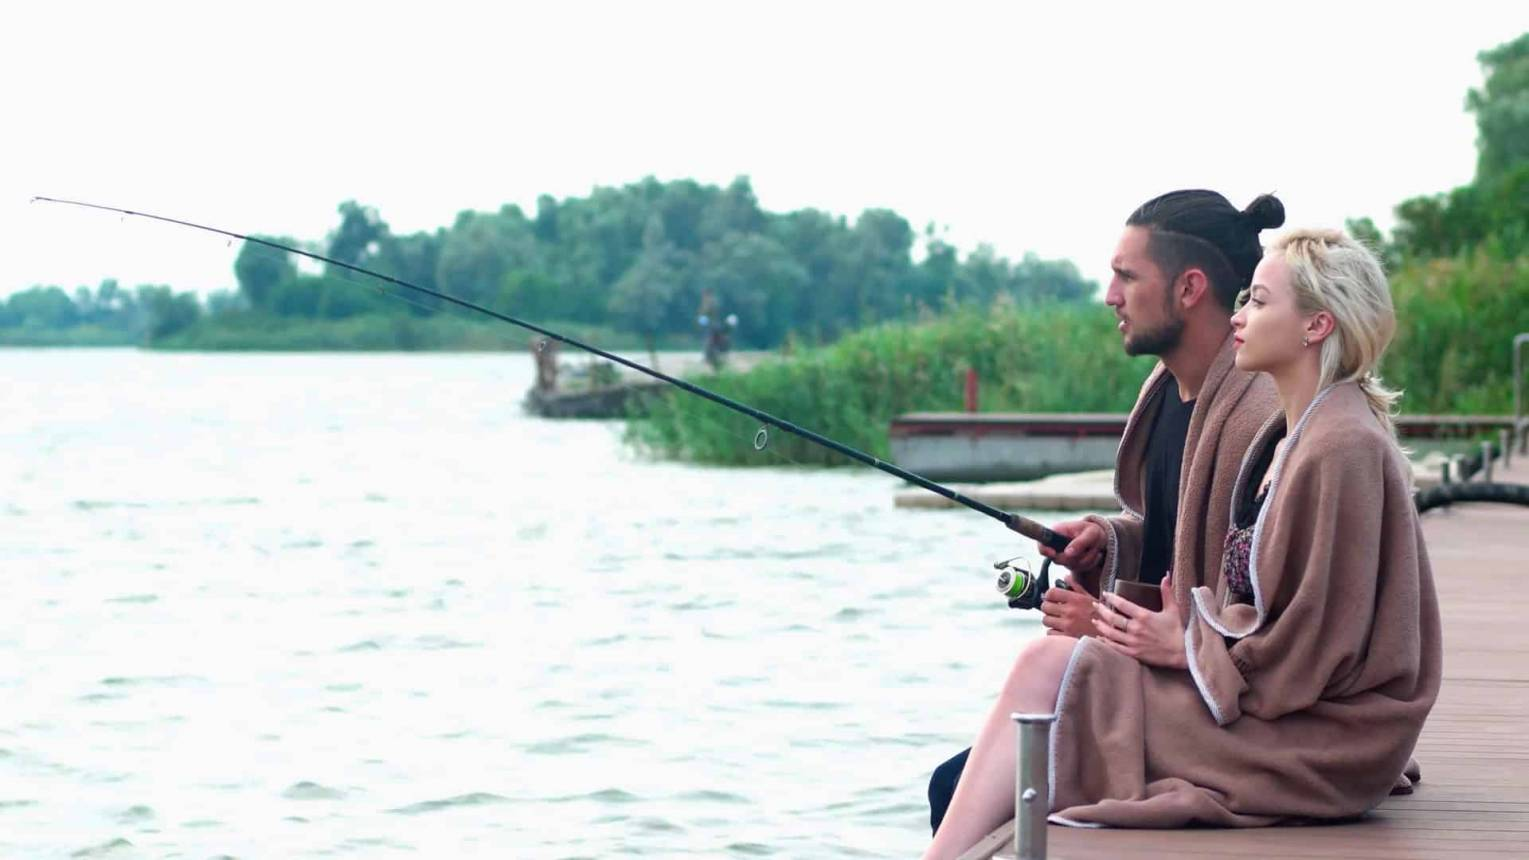 Lánykérés horgászat közben